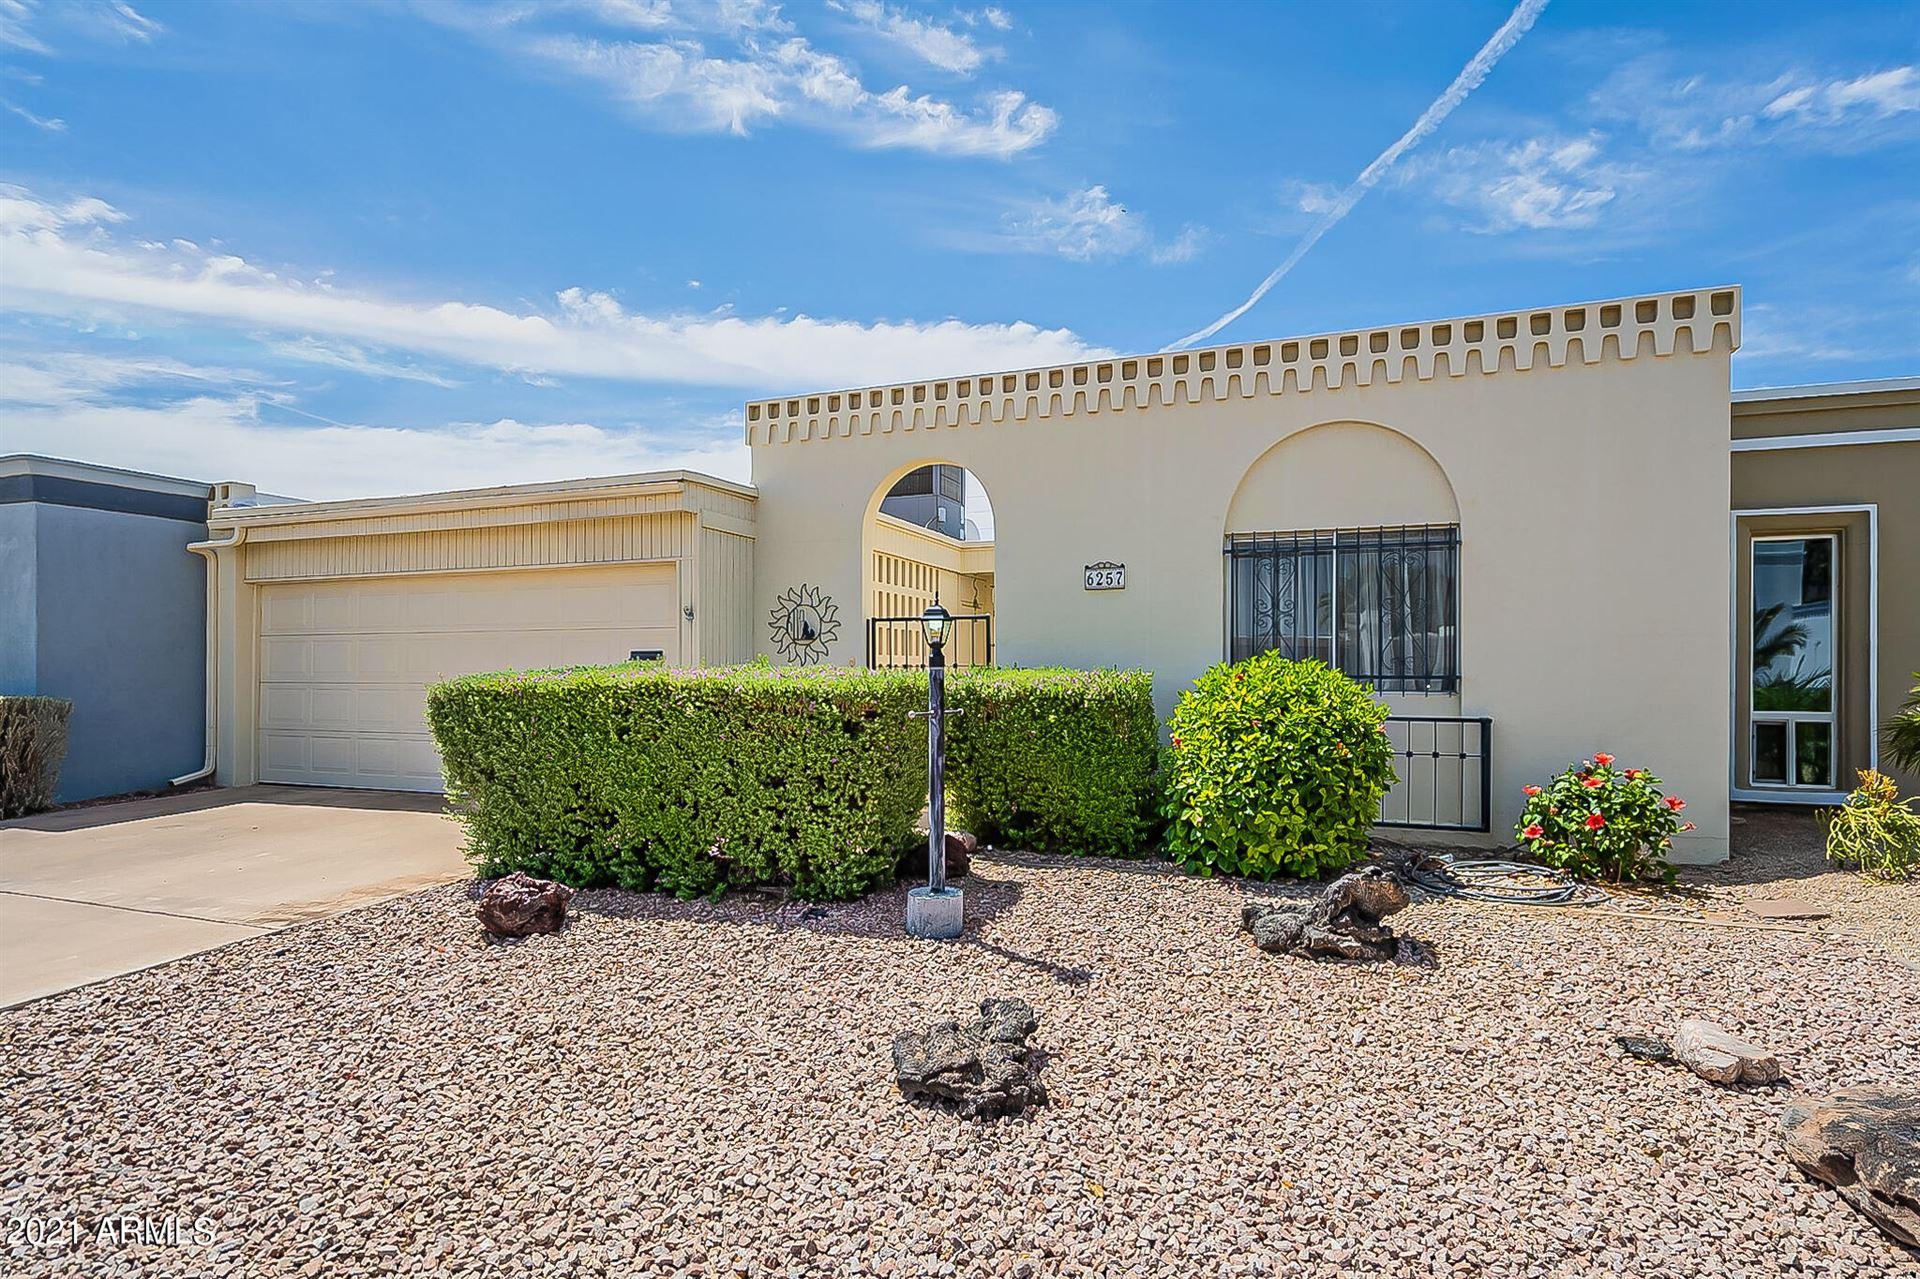 6257 E CATALINA Drive, Scottsdale, AZ 85251 - MLS#: 6245007